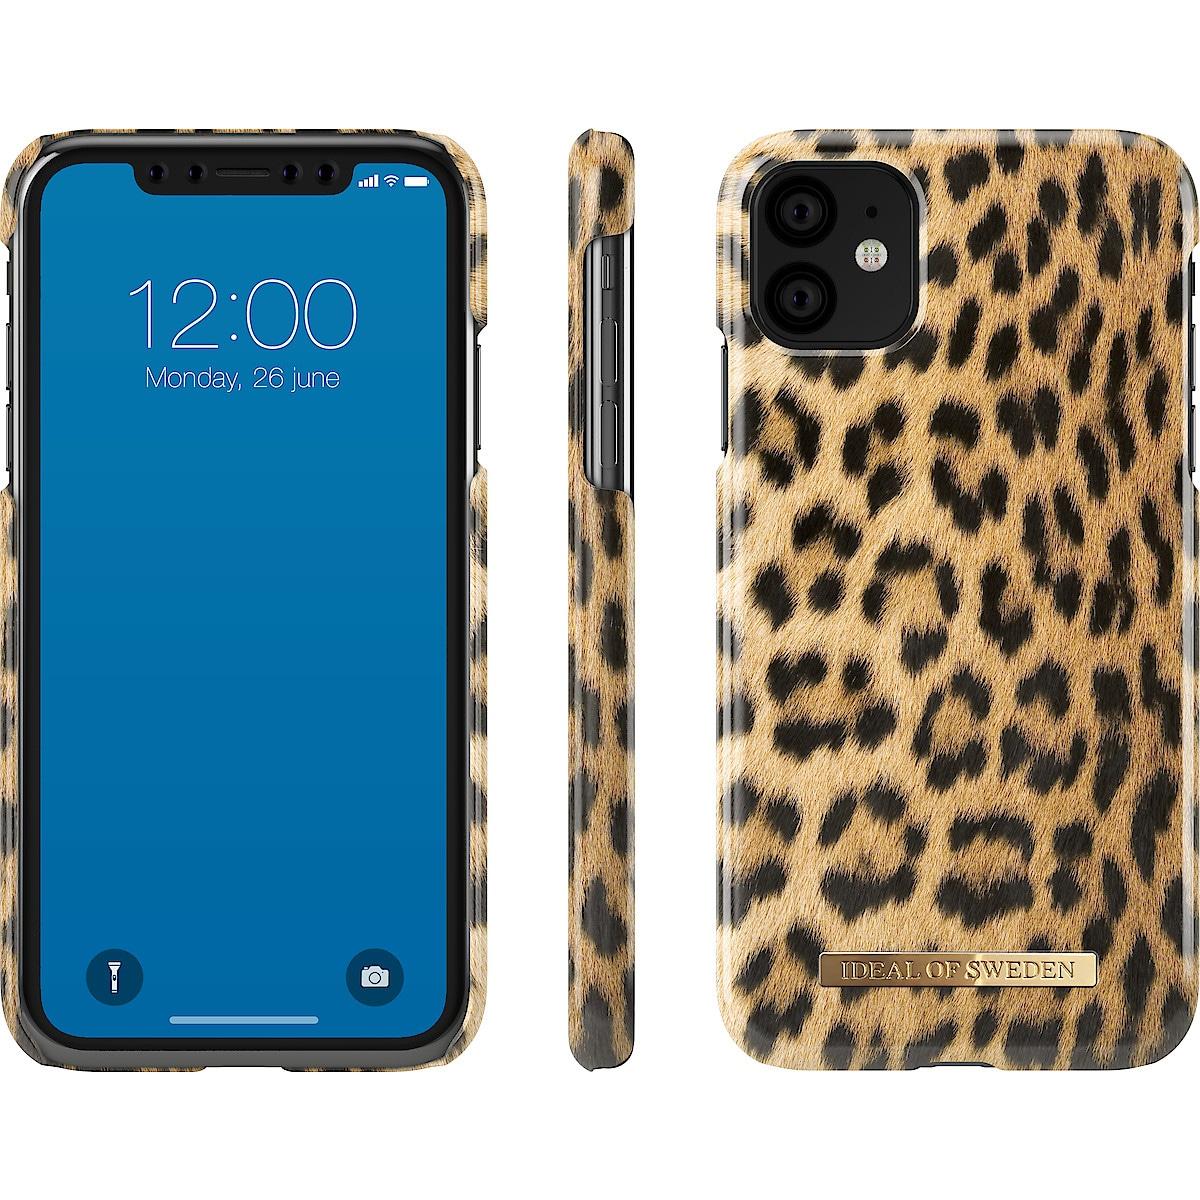 Skal för iPhone 11, iDeal of Sweden Fashion Case